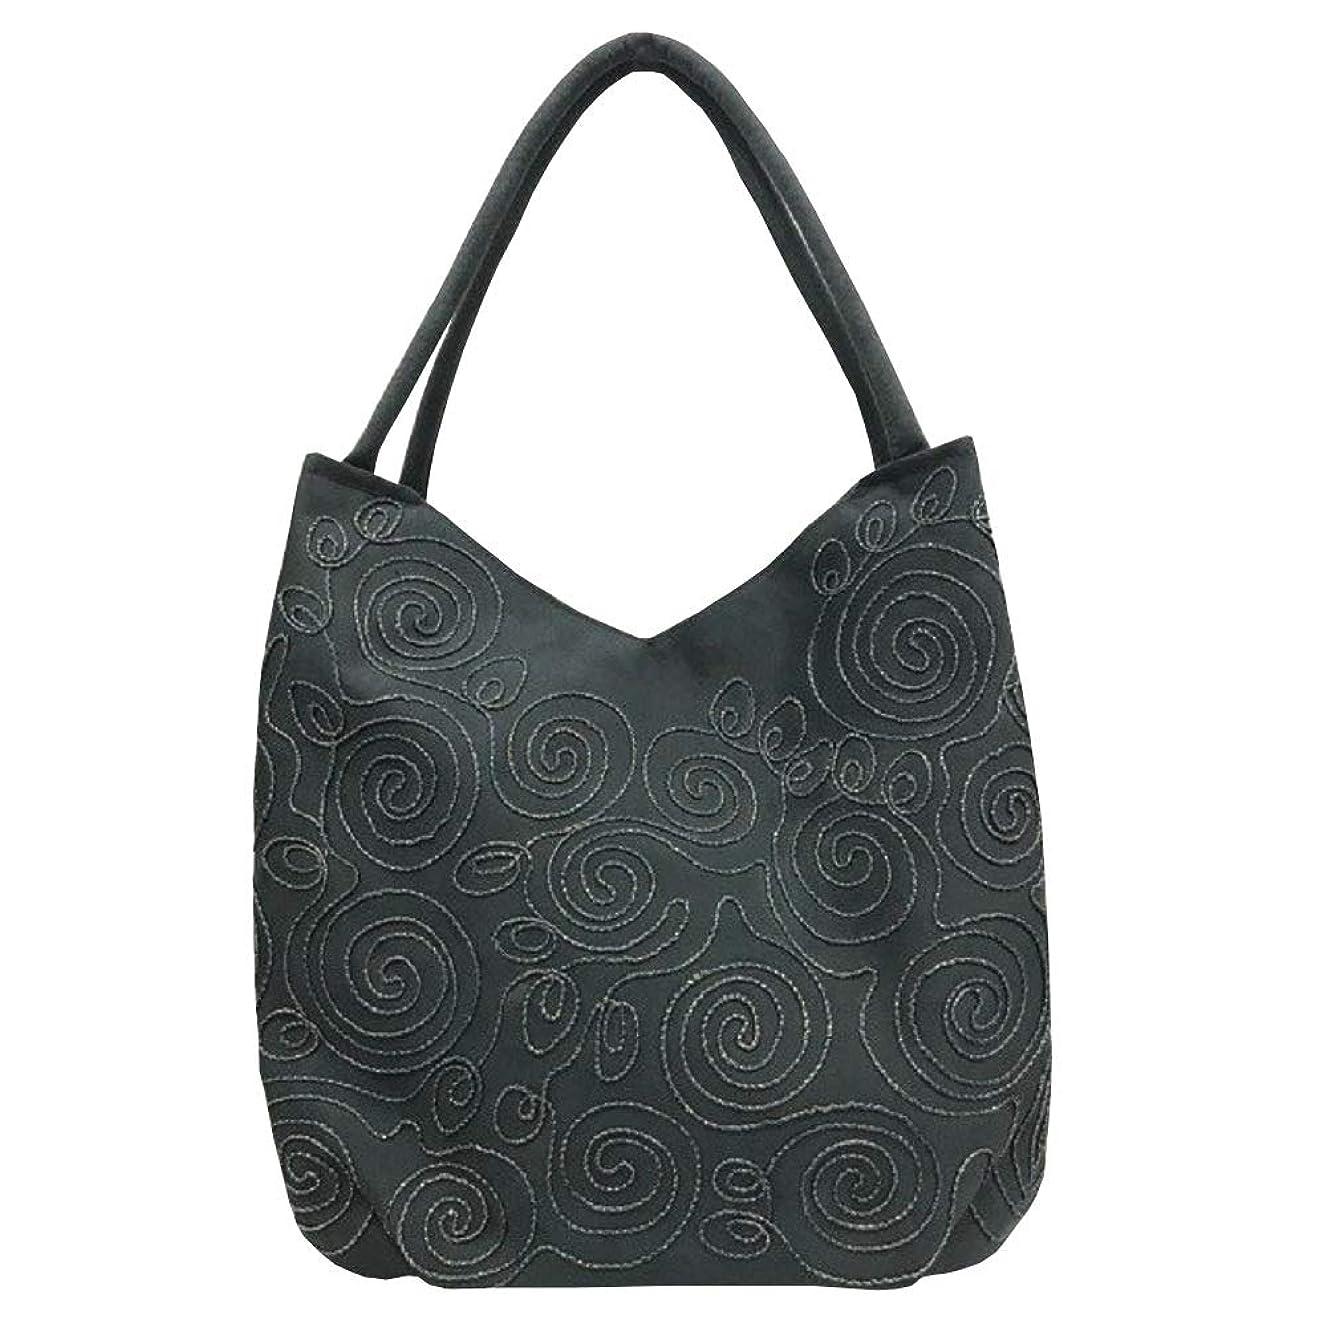 悪意栄光のスワップベトナムバッグ 刺繍 トートバッグ 肩掛け 鞄 両面刺繍 ベトナム雑貨